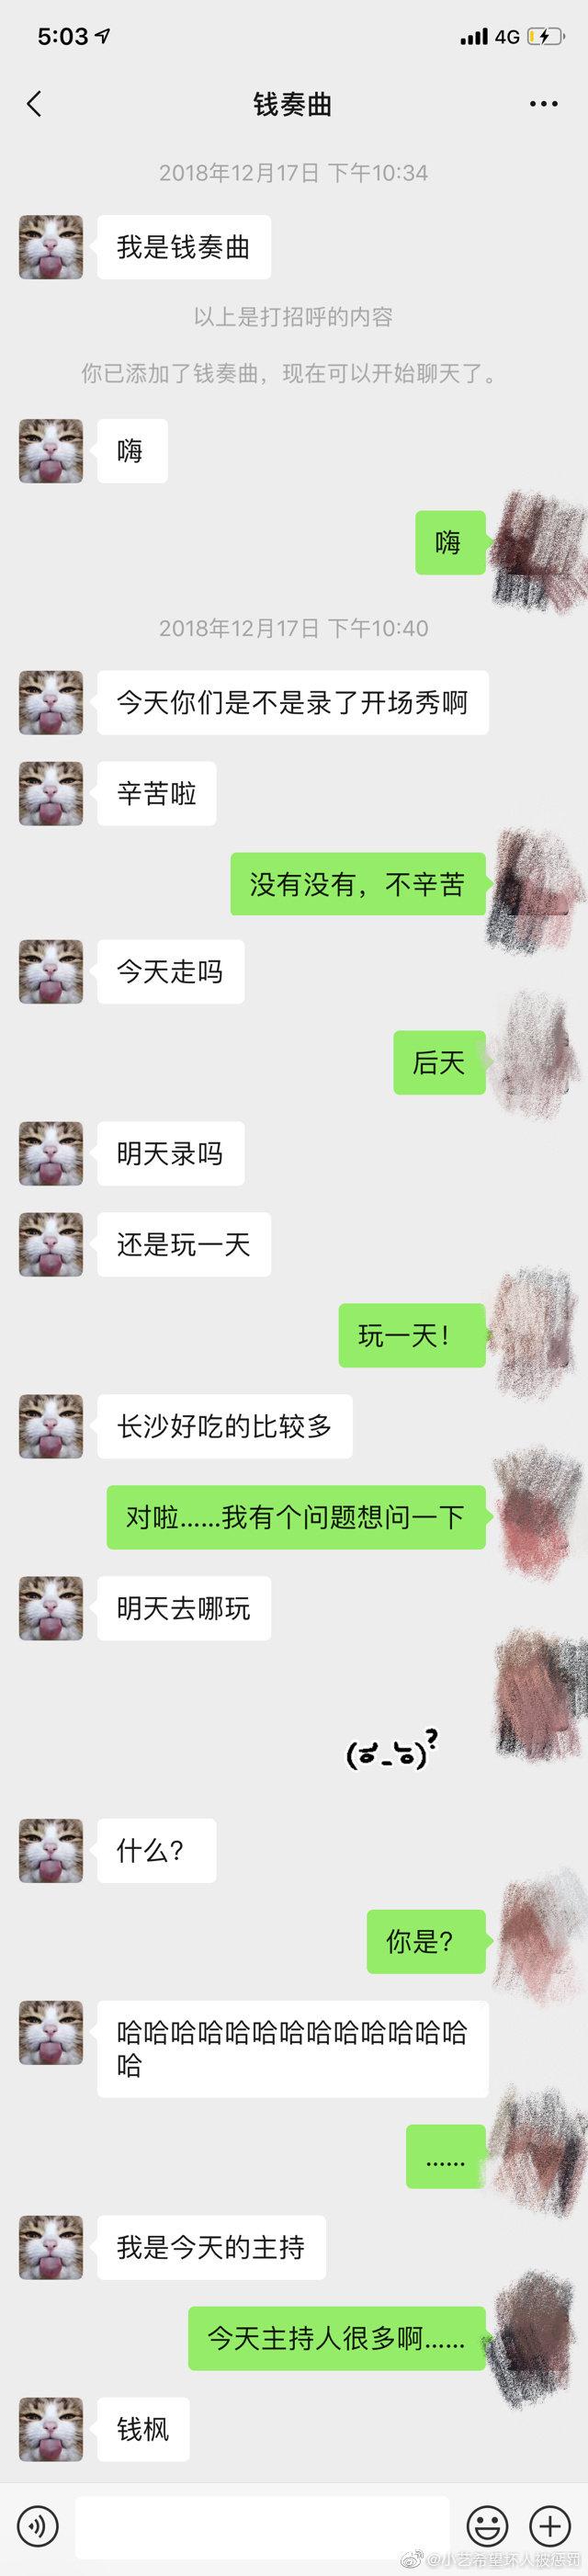 """湖南卫视主持人钱枫被举报""""睡粉丝"""""""